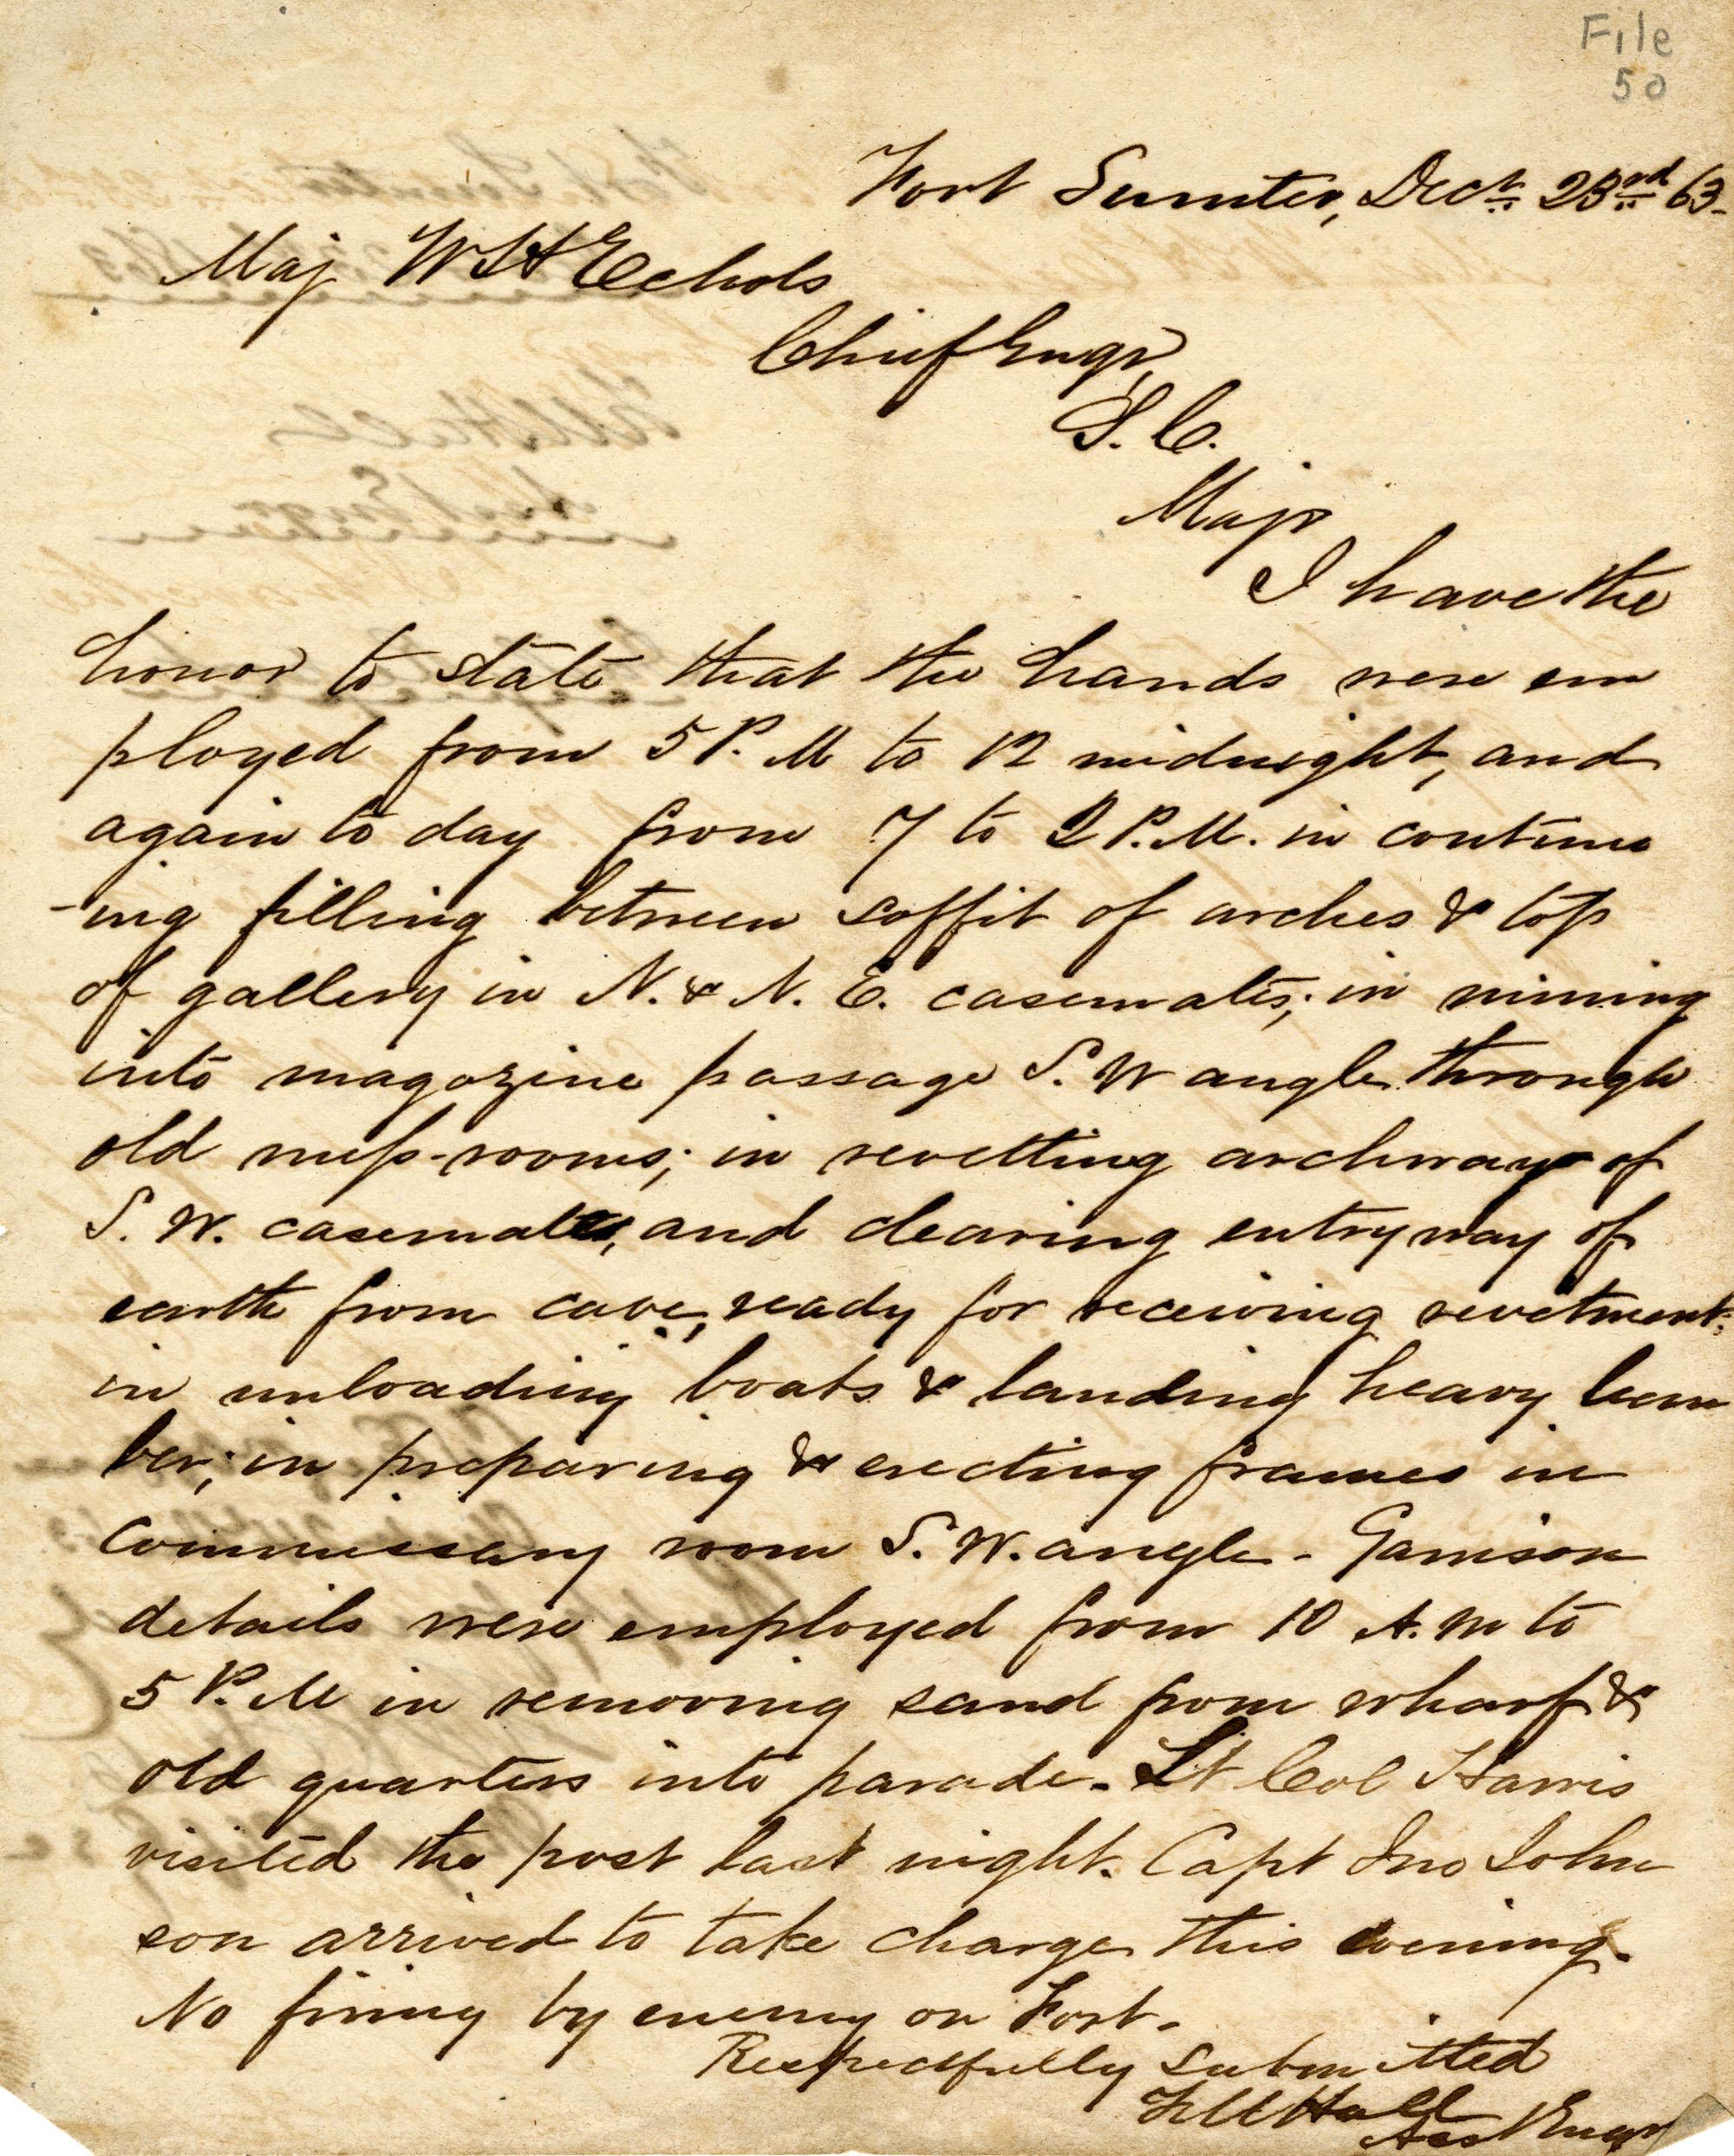 Letter, 23 December